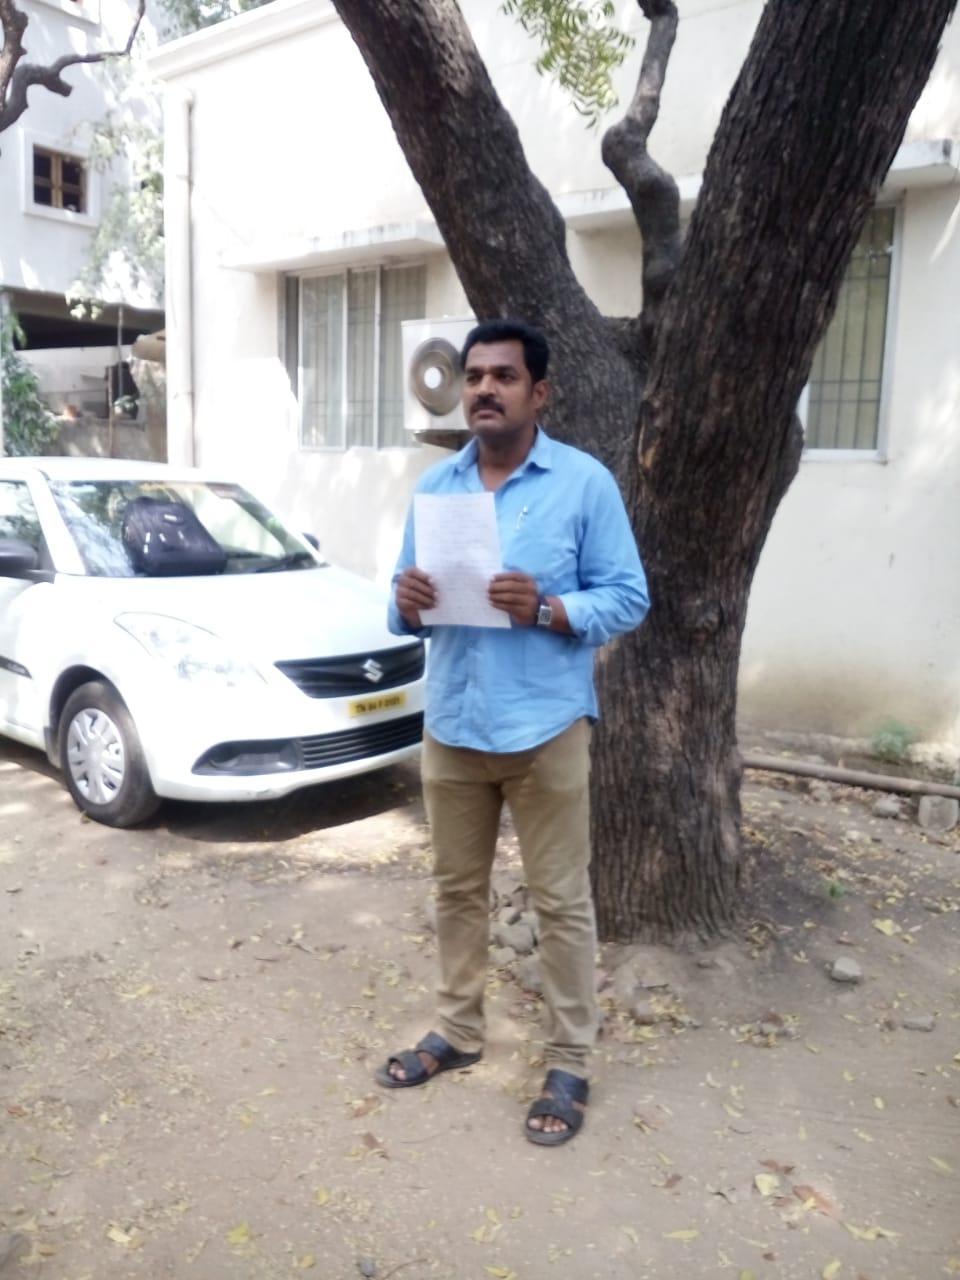 நடிகர் பிர்லா போஸ்